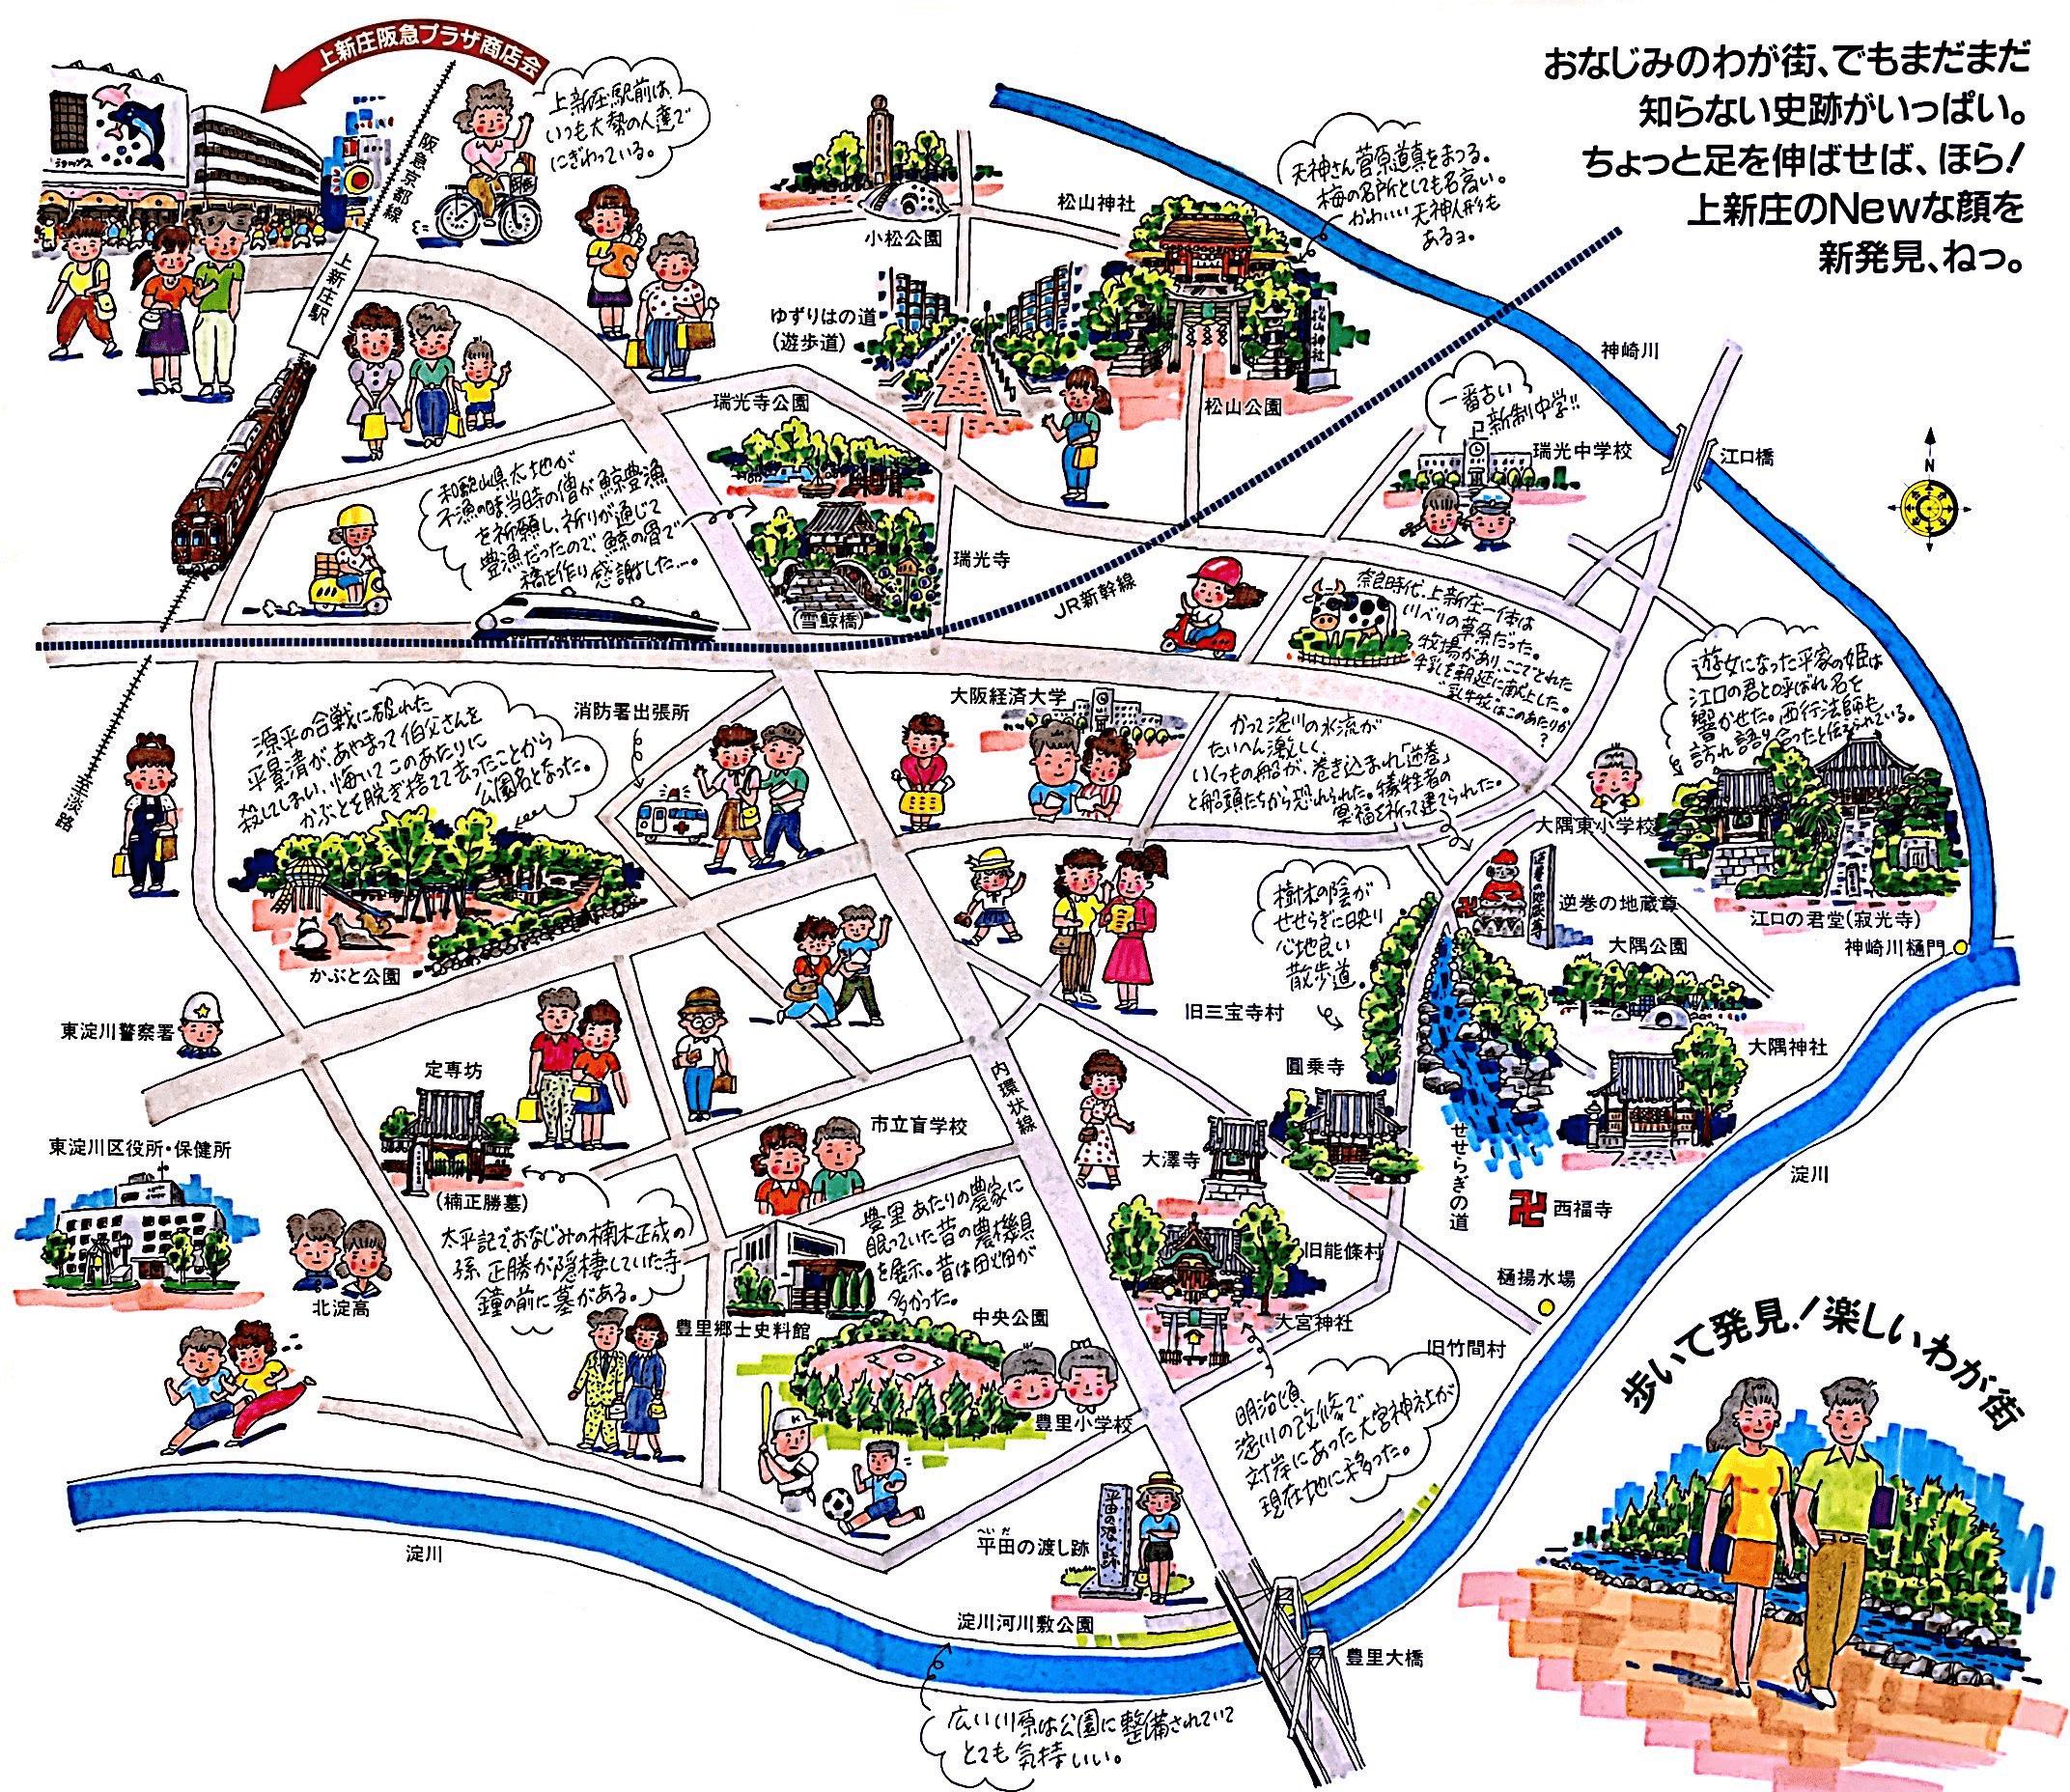 上新庄周辺マップ